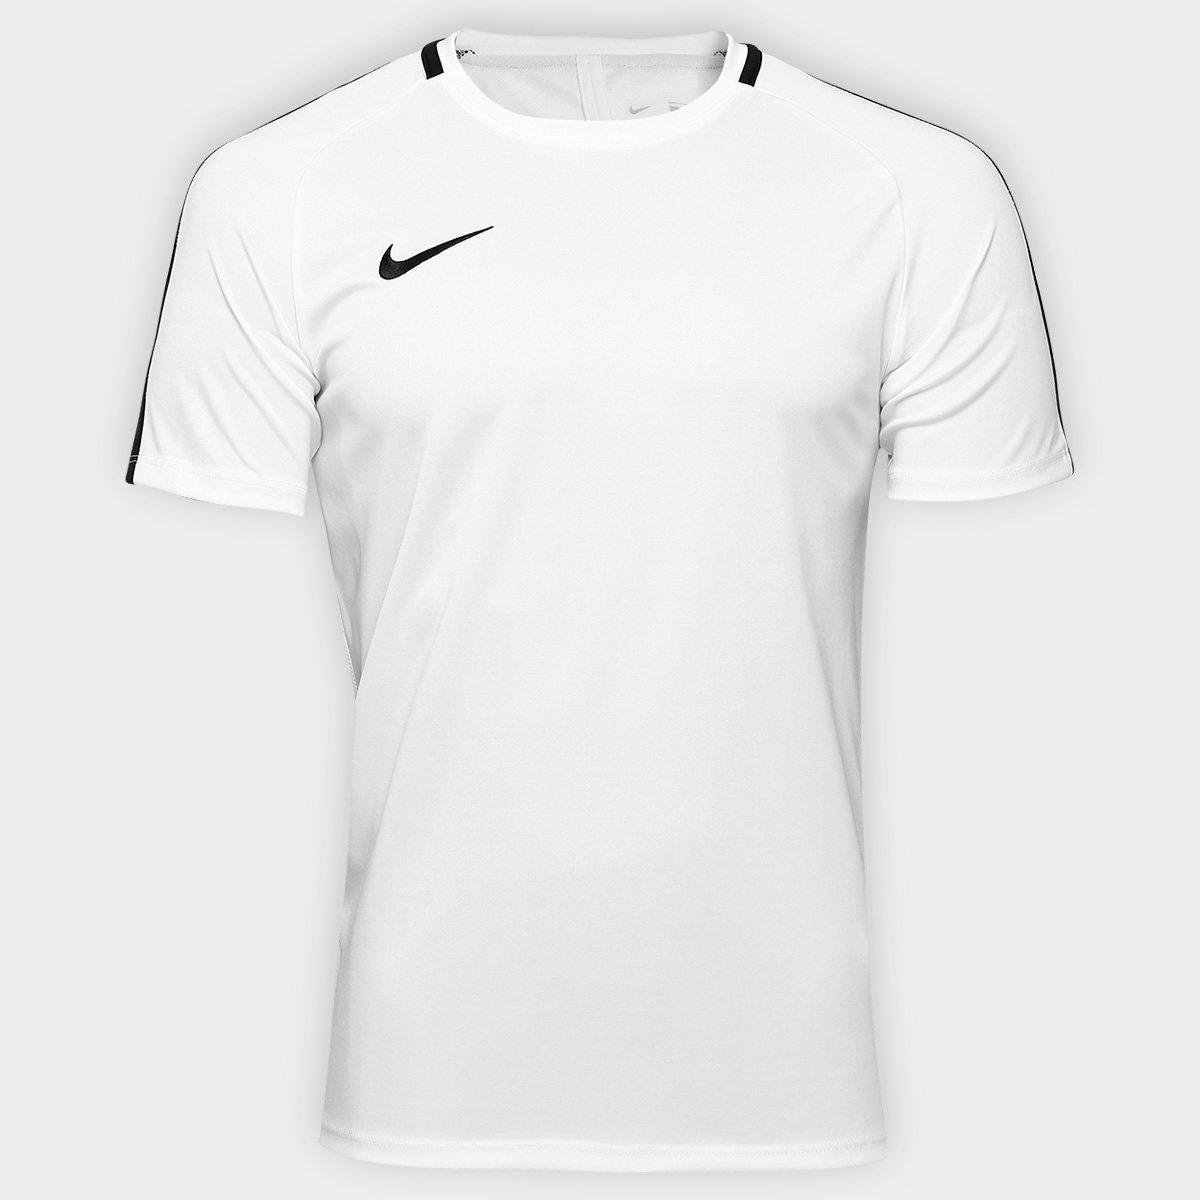 425d2d079c Camisa Nike Academy Masculina - Branco e Preto - Compre Agora